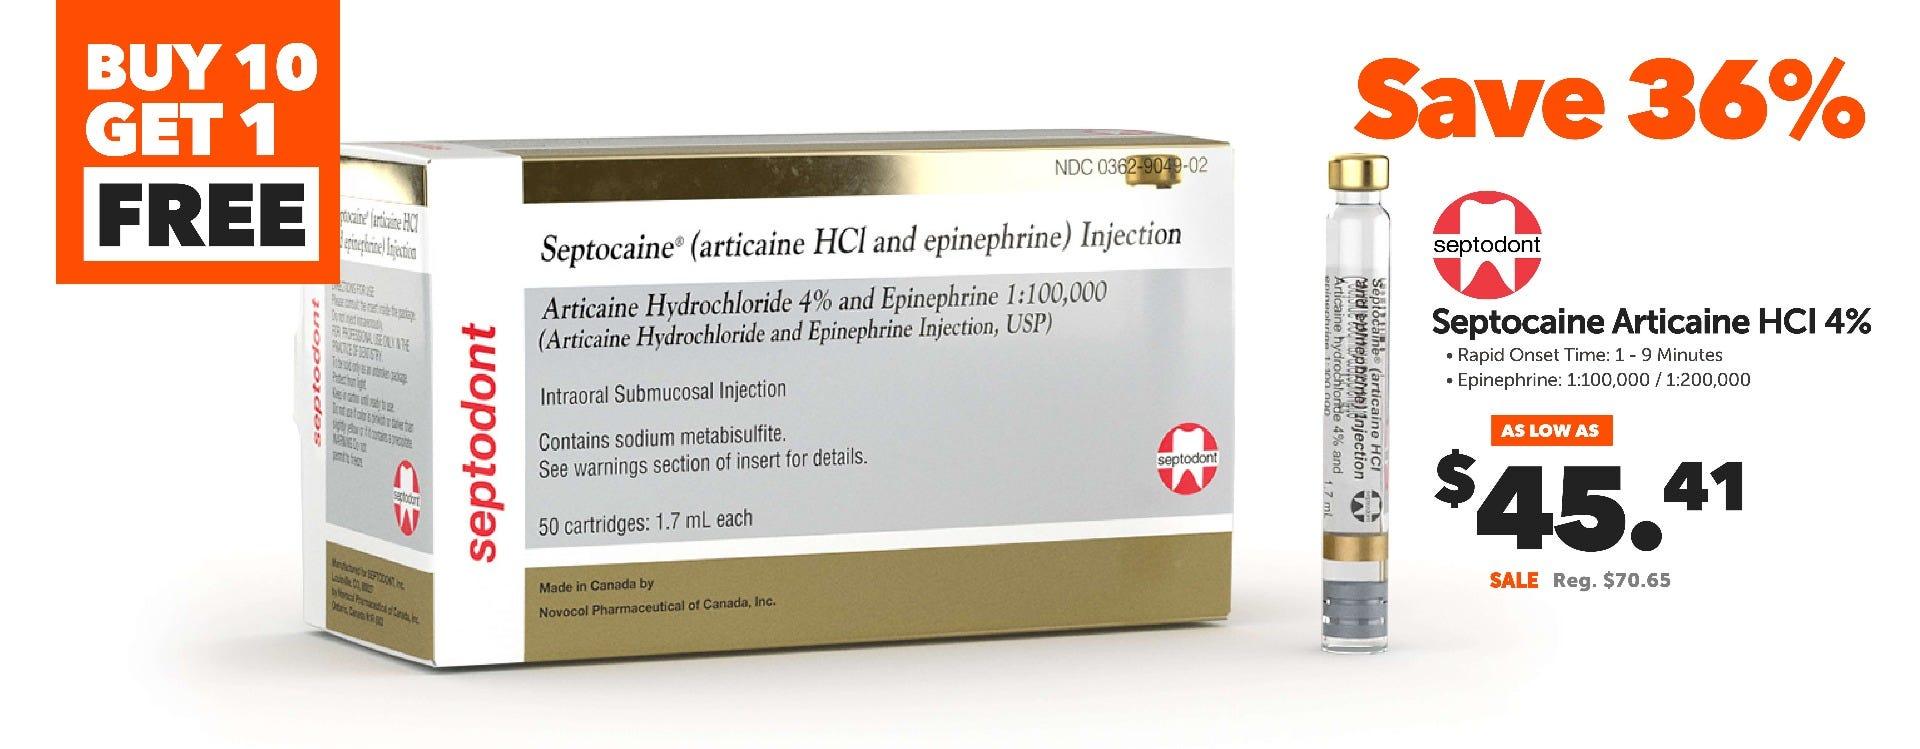 Septodont Septocaine Articaine 4%